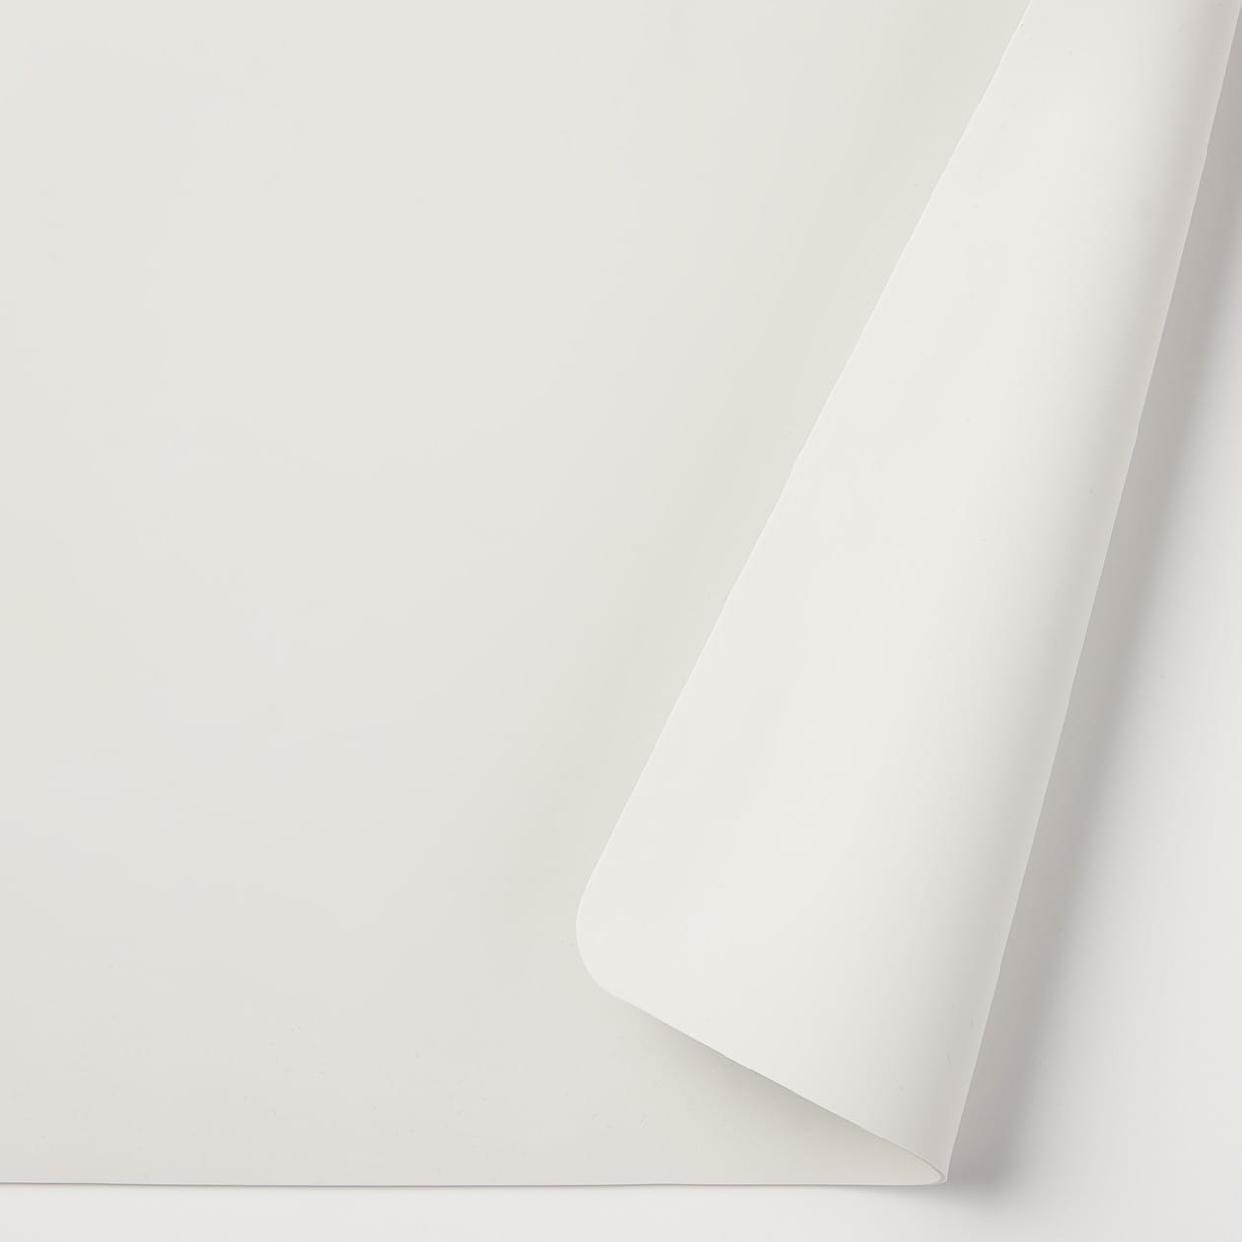 無印良品(MUJI) シリコーンランチョンマット ホワイト 82213461の商品画像2